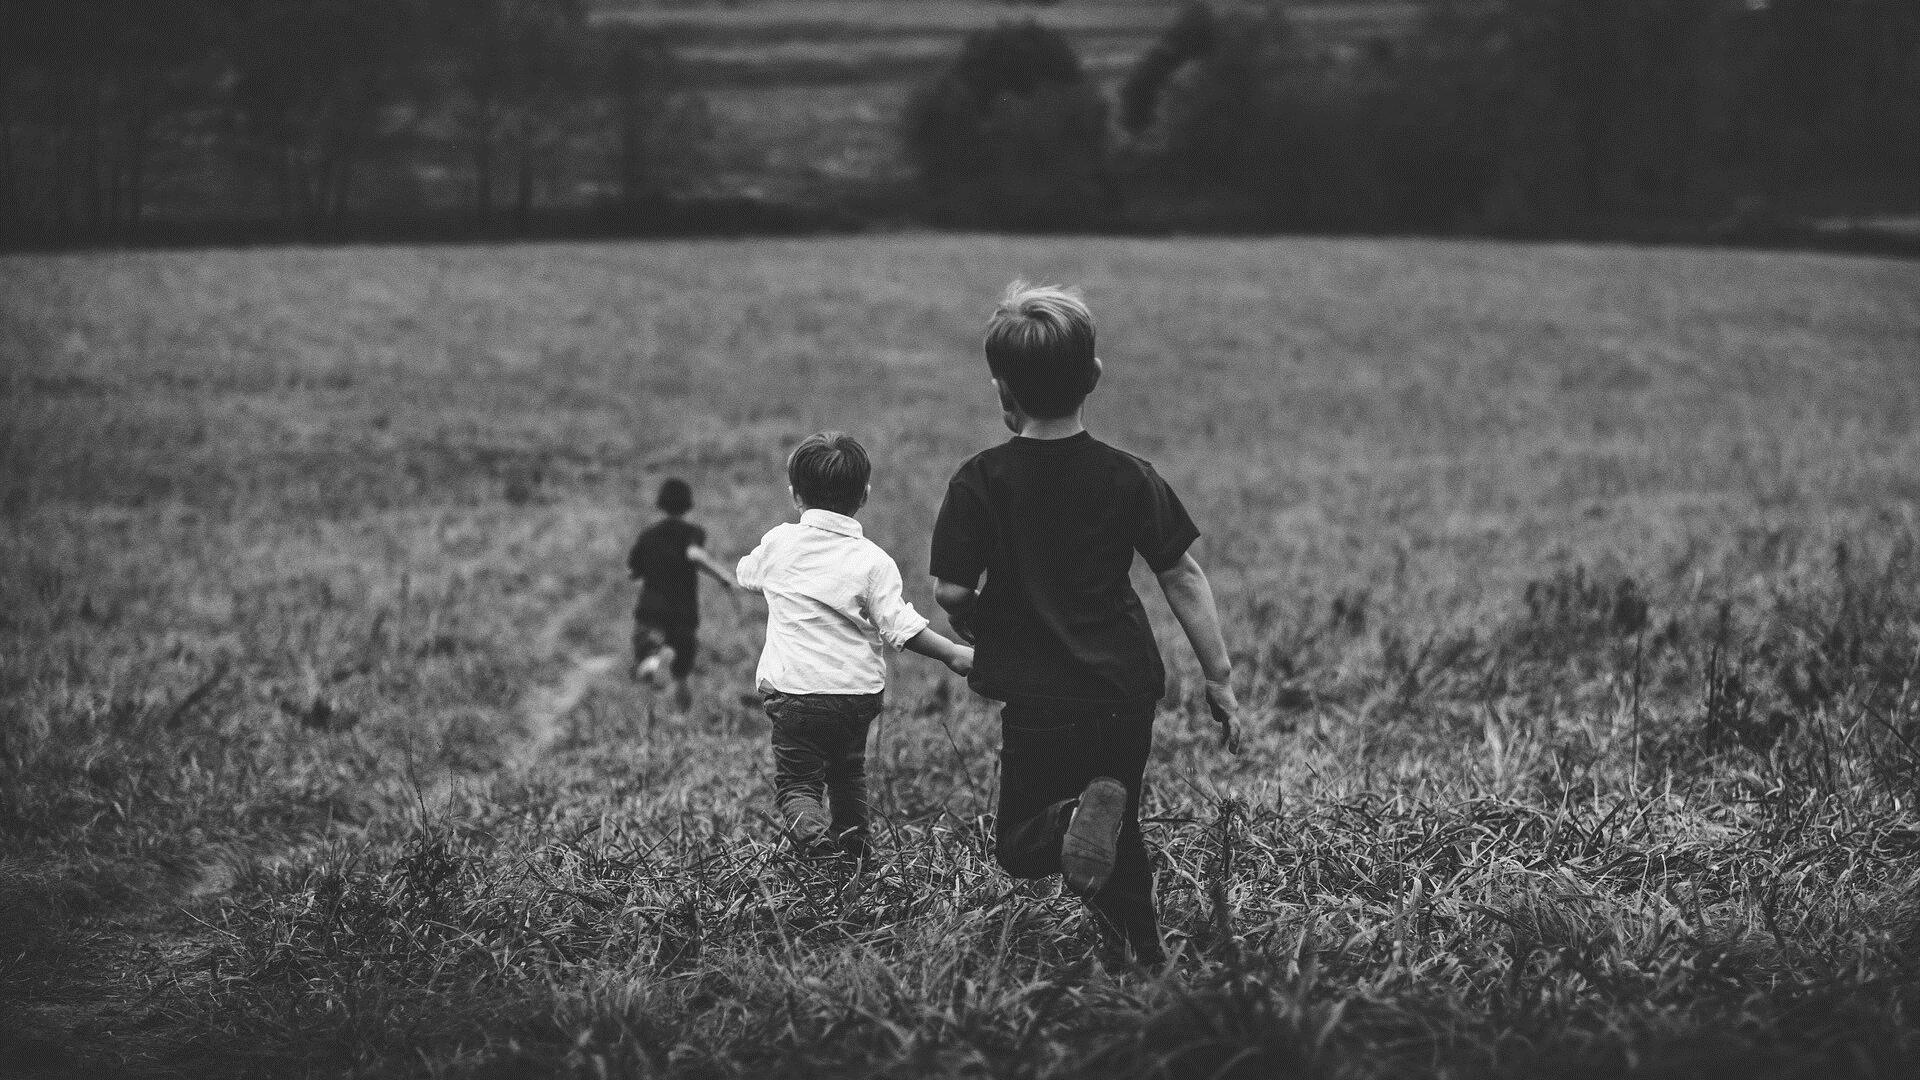 Дети, демонстрирующие меньше страха и реже подражающие другим, становятся более черствыми и отстраненными взрослыми